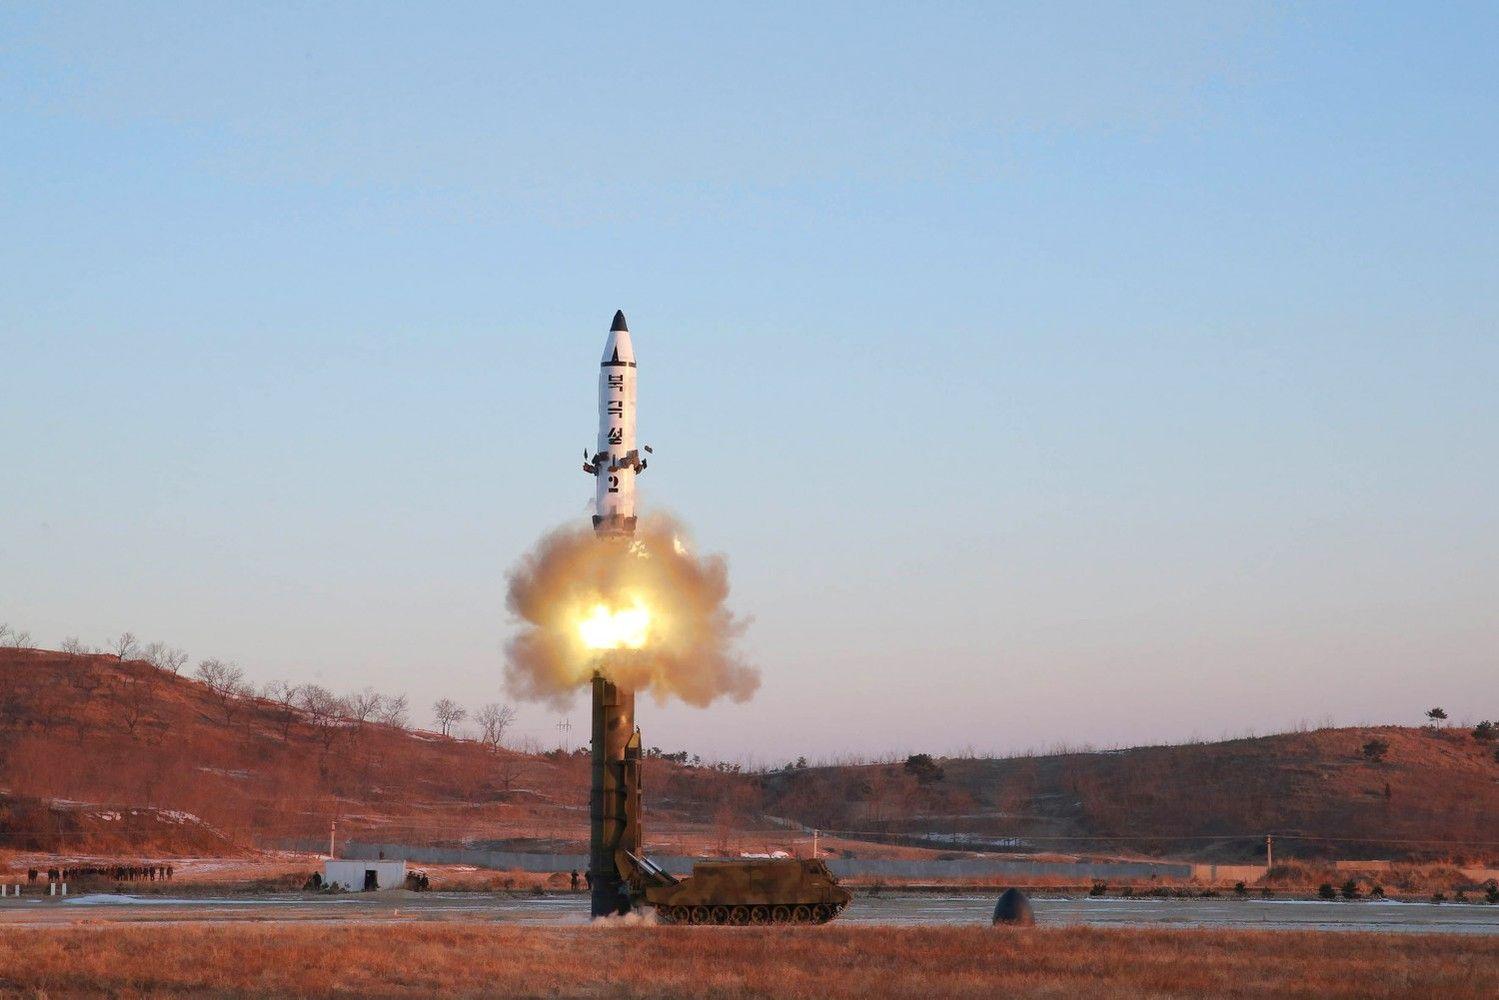 Šiaurės Korėja sėkmingai išbandė kieto kuro raketą